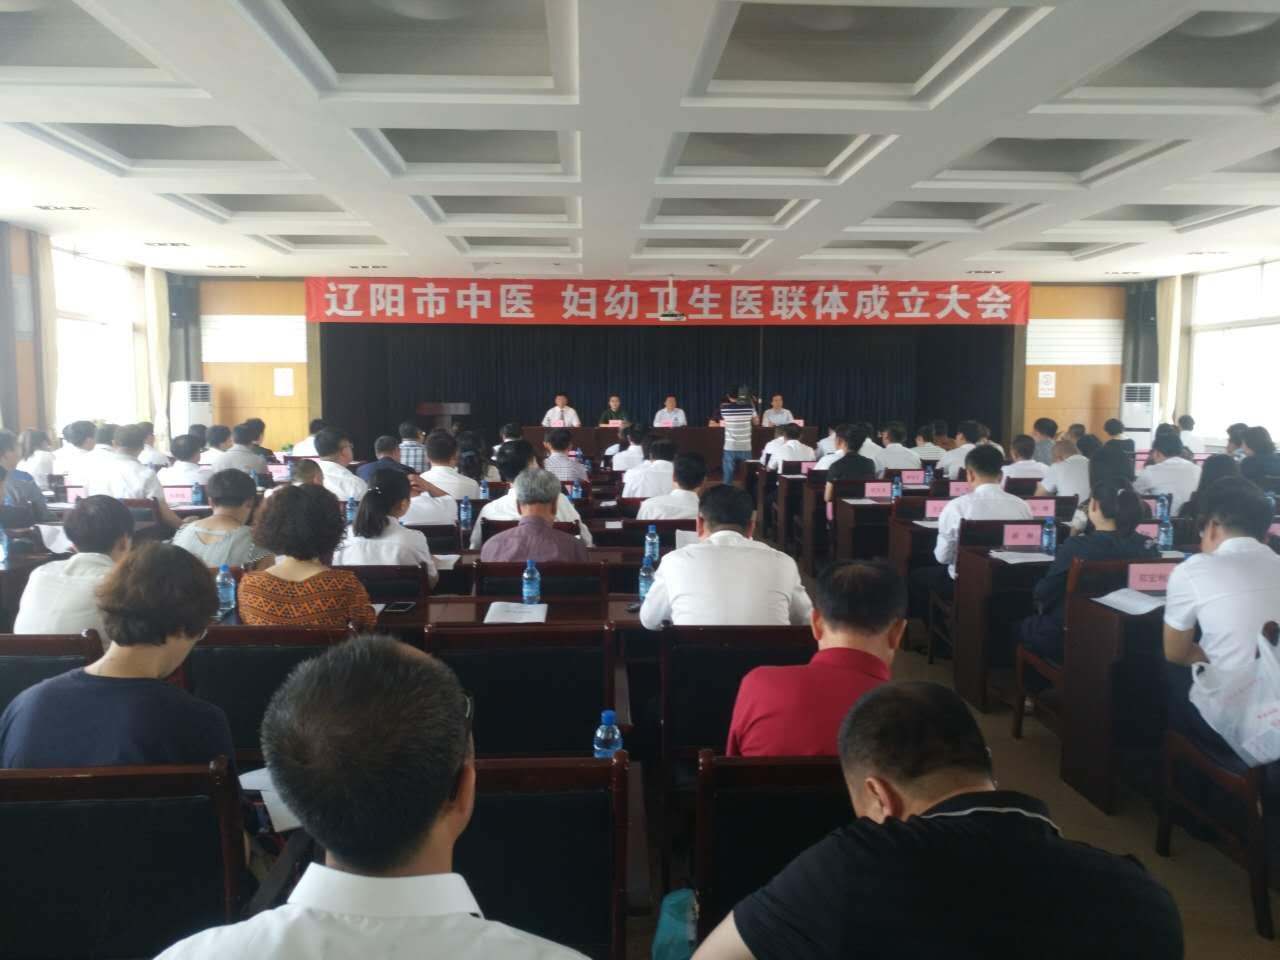 辽阳市成立了中医妇幼卫生医联体